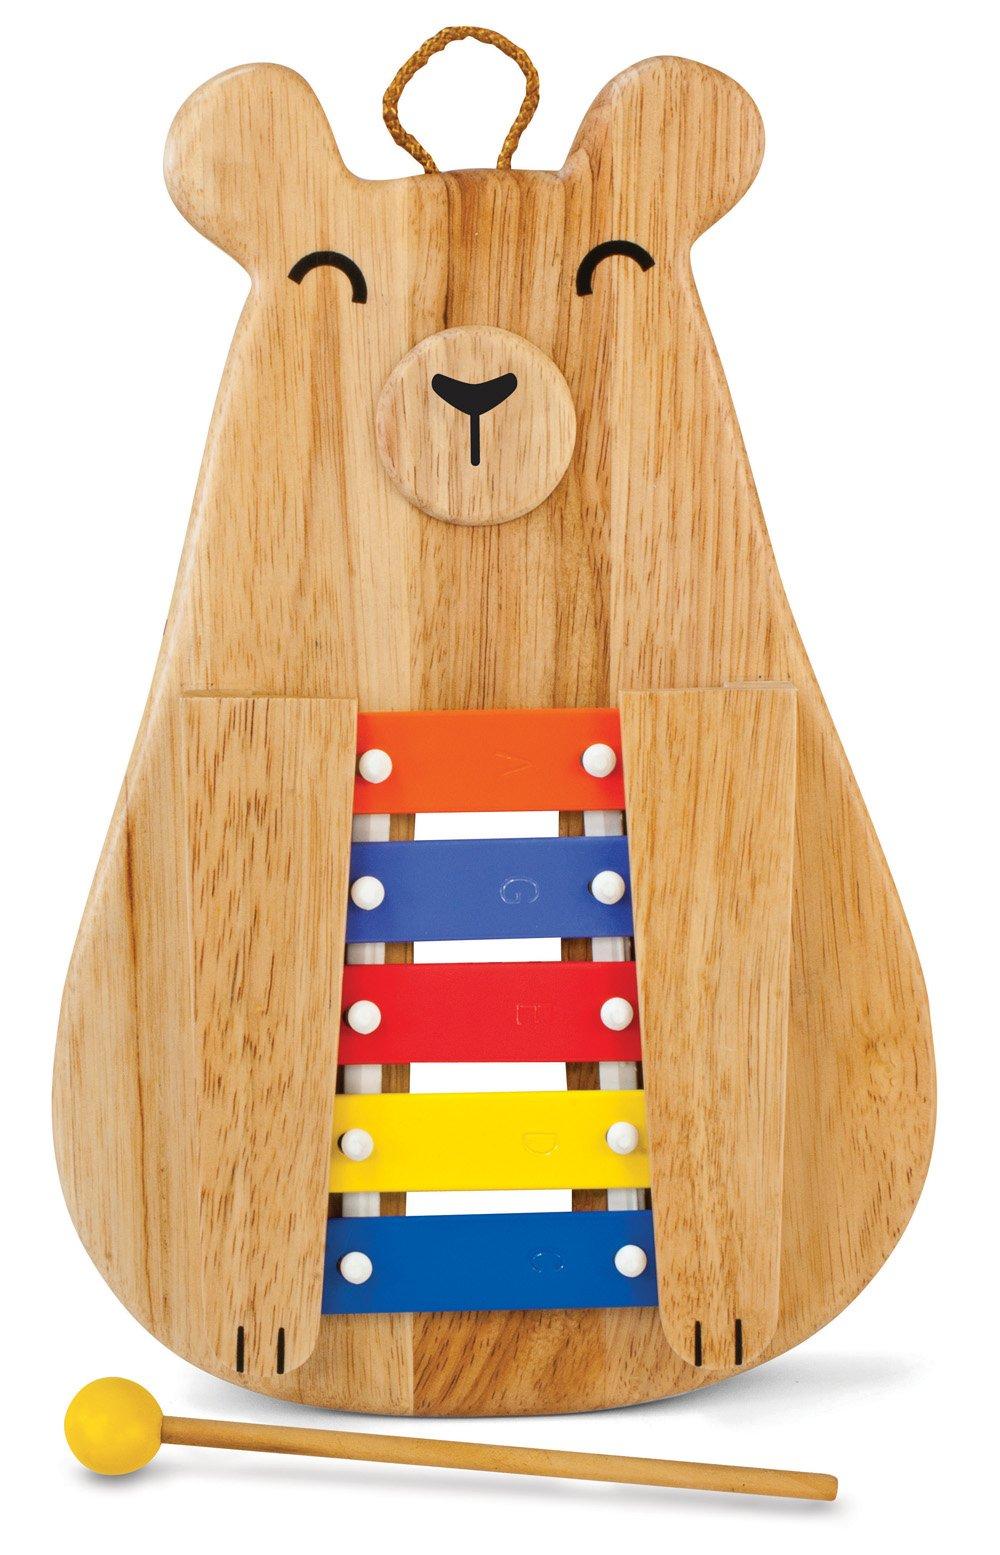 Green Tones / Poppa Bear Glockenspiel with Mallet by Green Tones